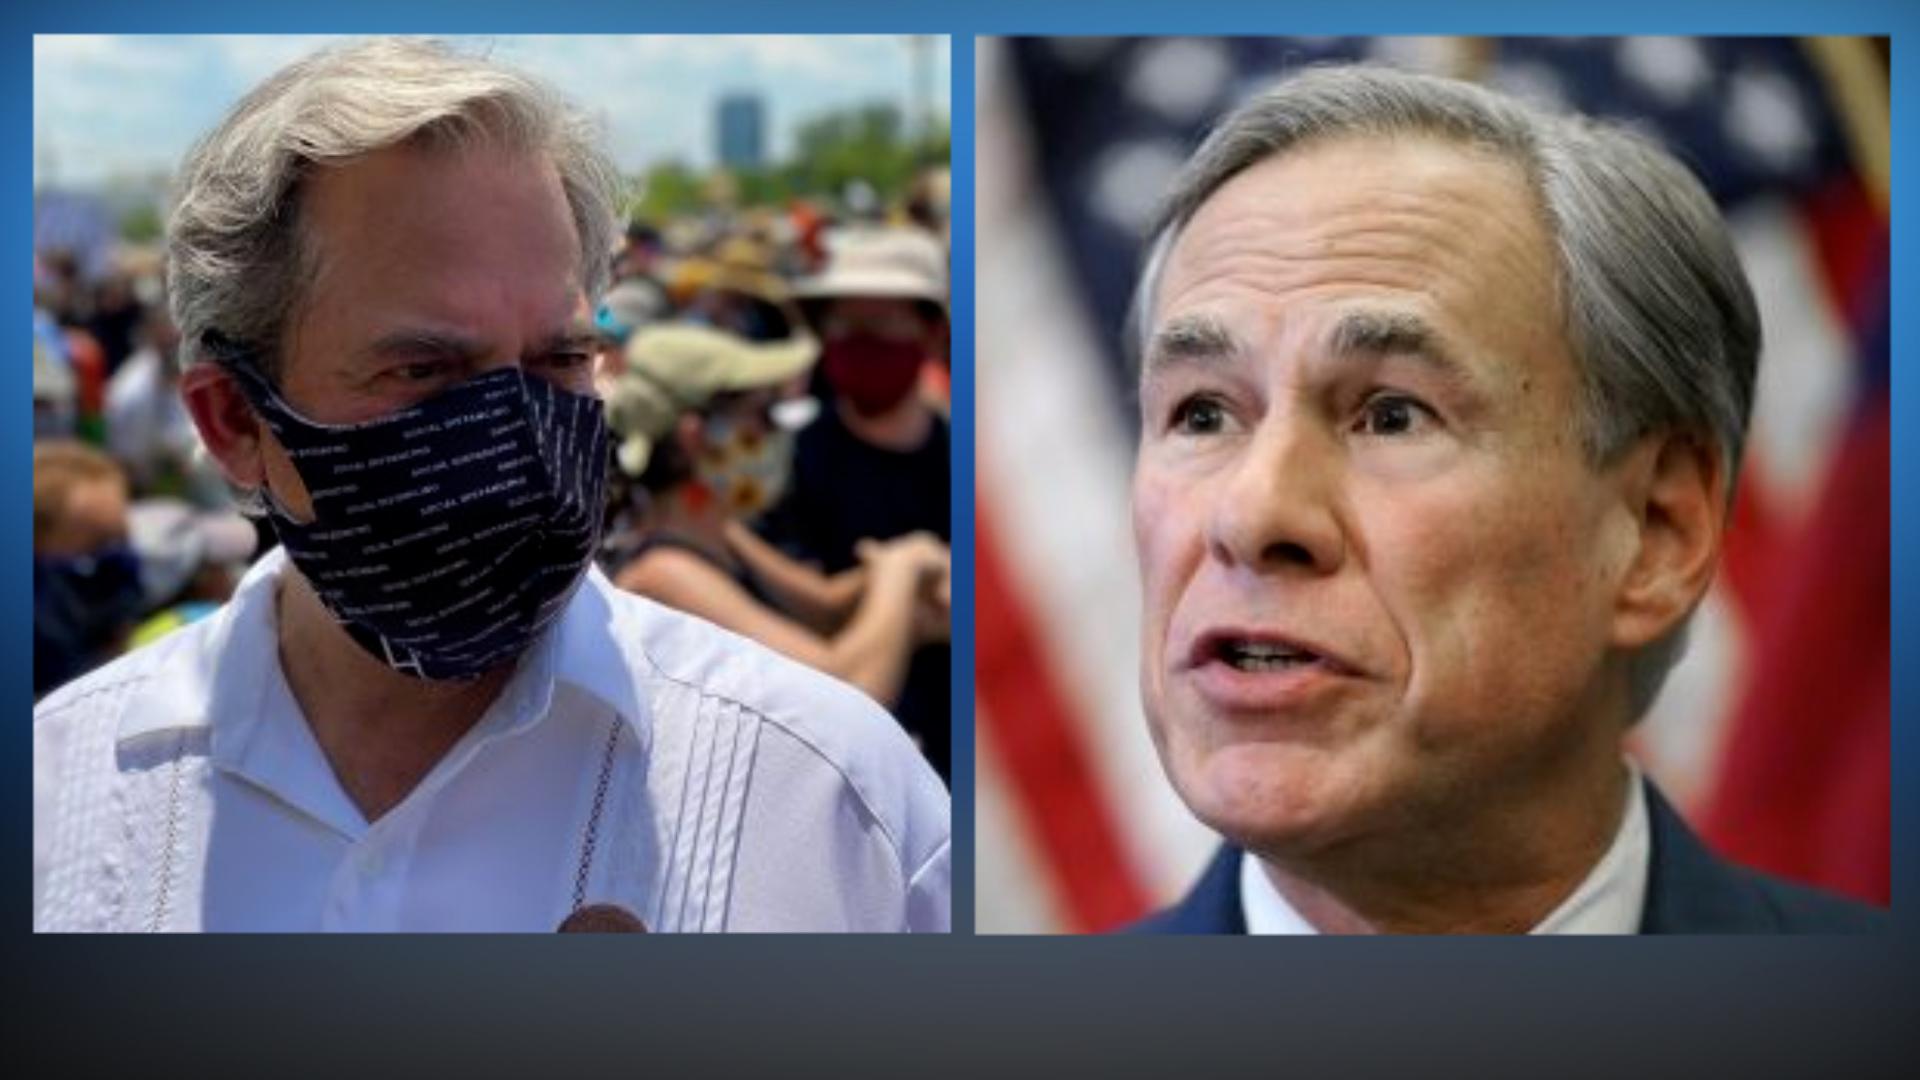 Left, Austin Mayor Steve Adler. Right, Texas Governor Greg Abbott.